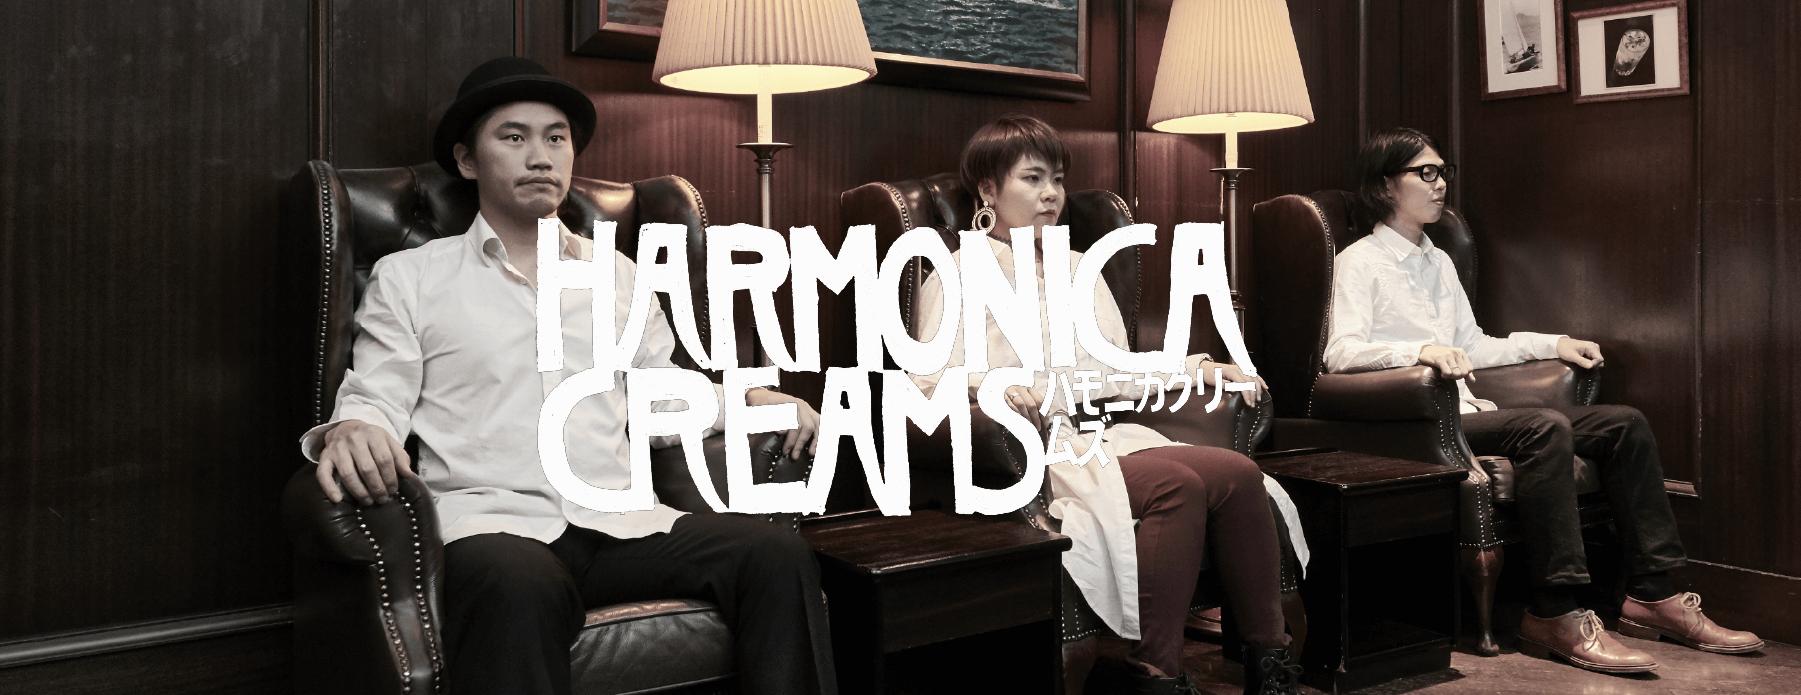 ハモニカクリームズ